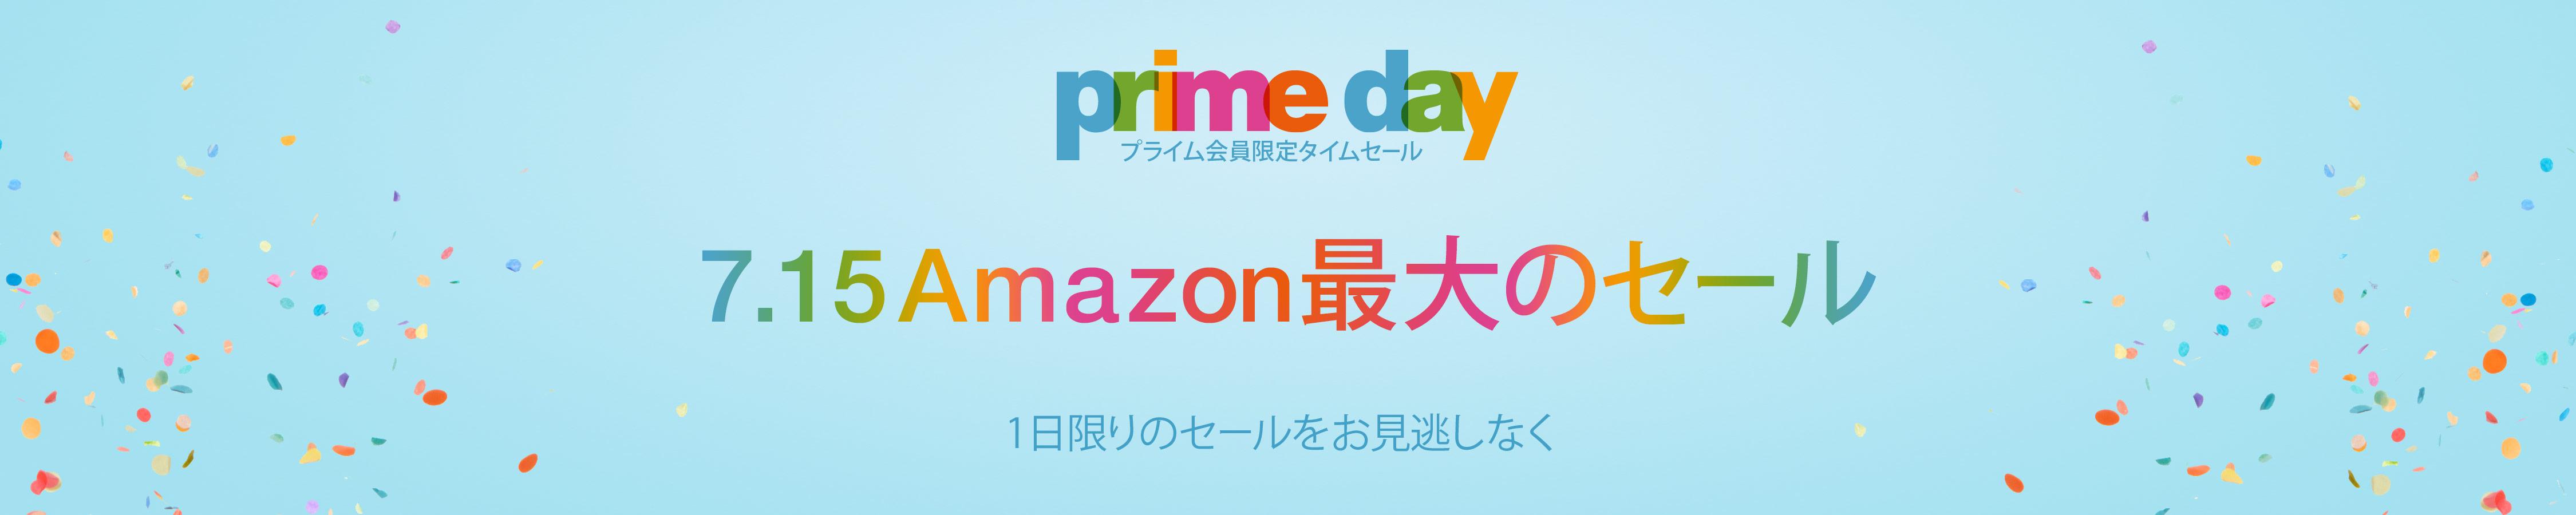 Amazonがプライム限定セールを開催!オススメアイテムも紹介します!